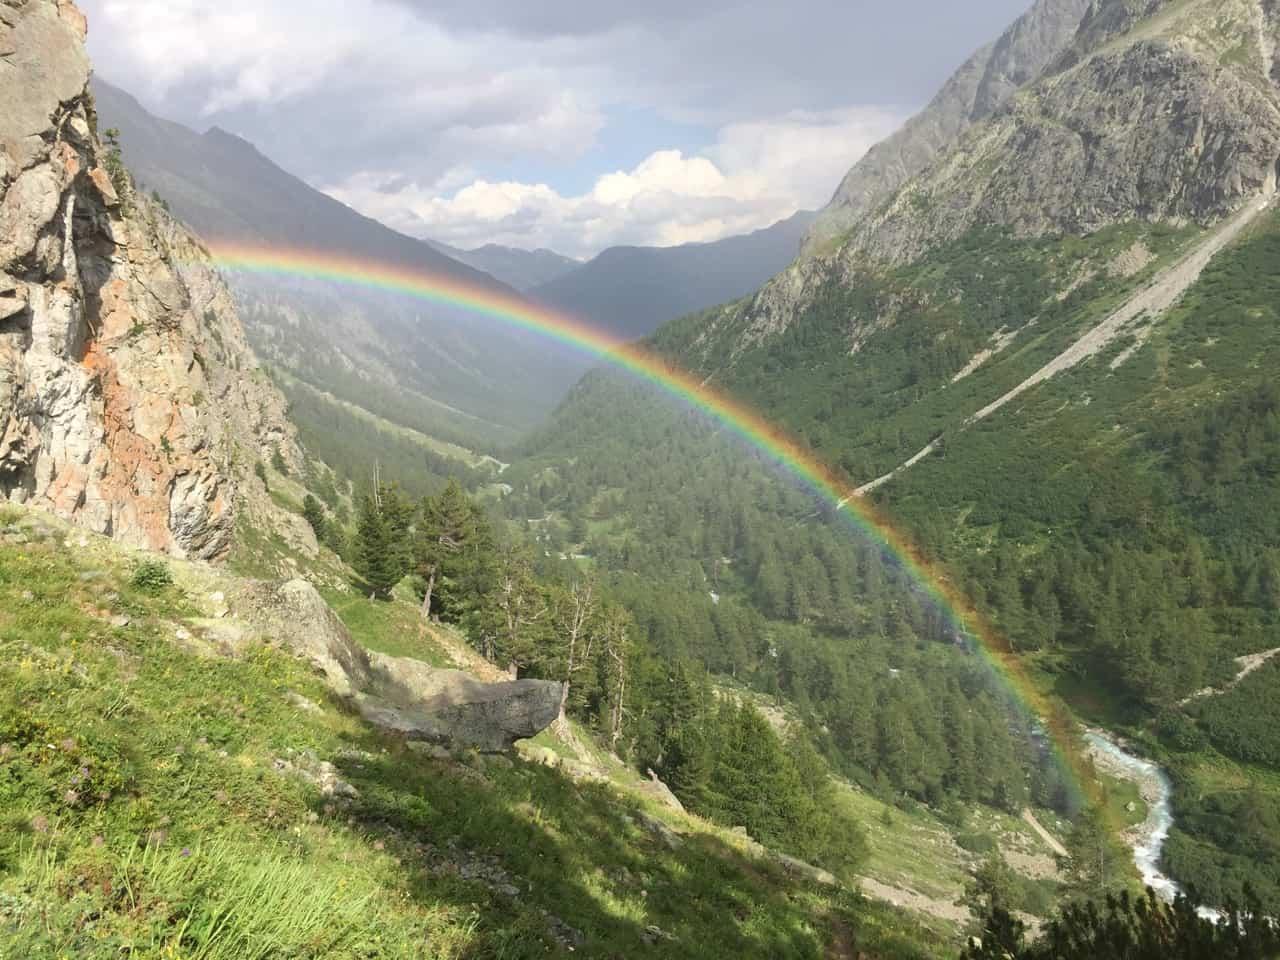 auszeit schweiz mit regenbogen über grünem tal